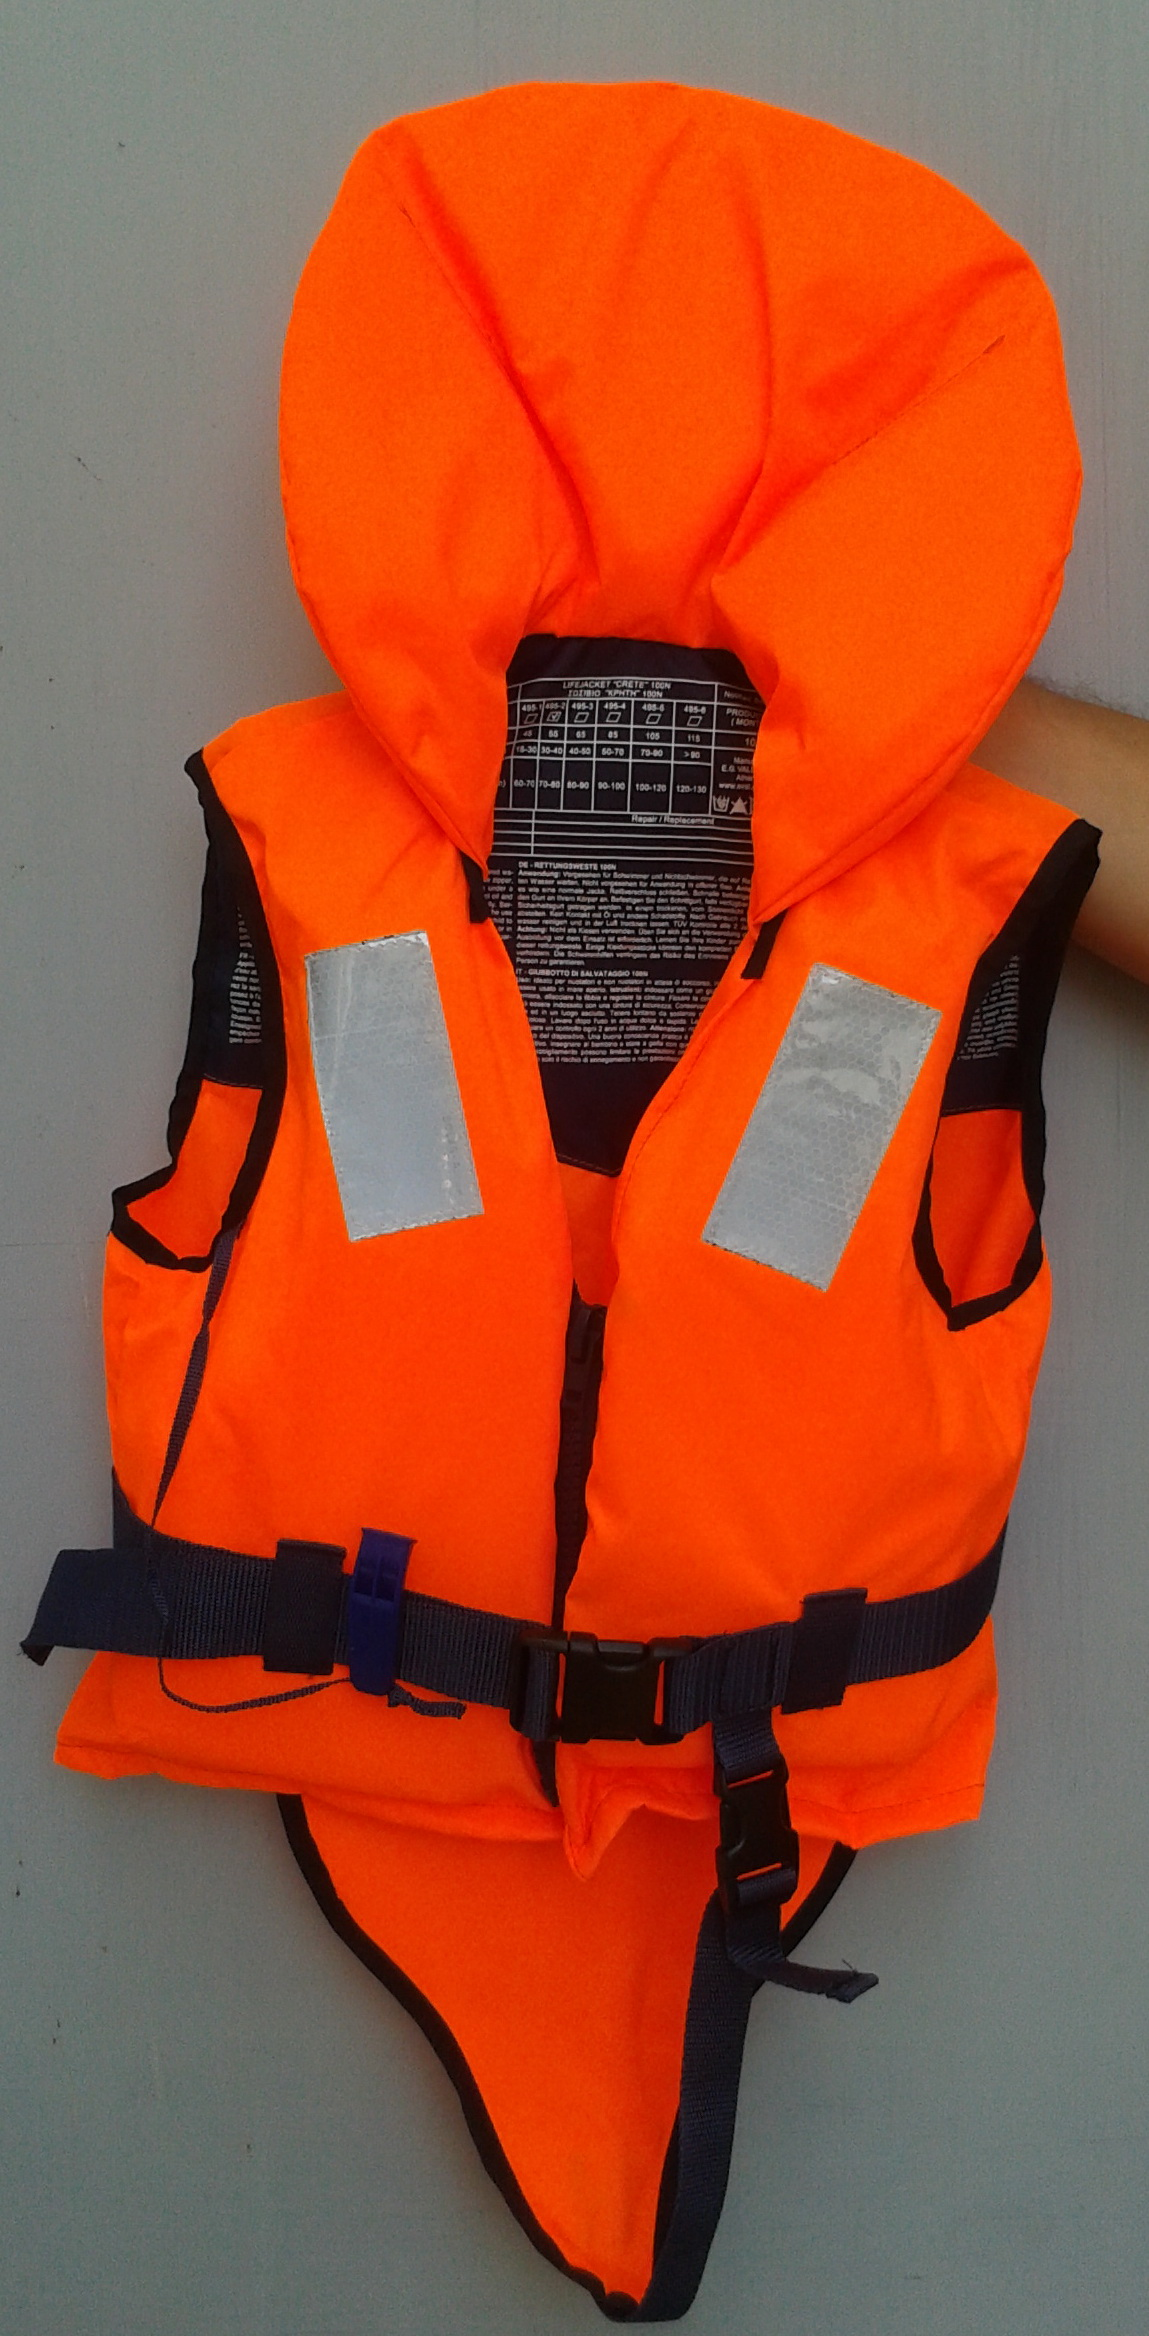 e4f3dffe78b Спасителна жилетка KLJ-40, 100N детска - Спасителна жилетка KLJ-40, 100N  детска - Спасителни жилетки за водни спортове